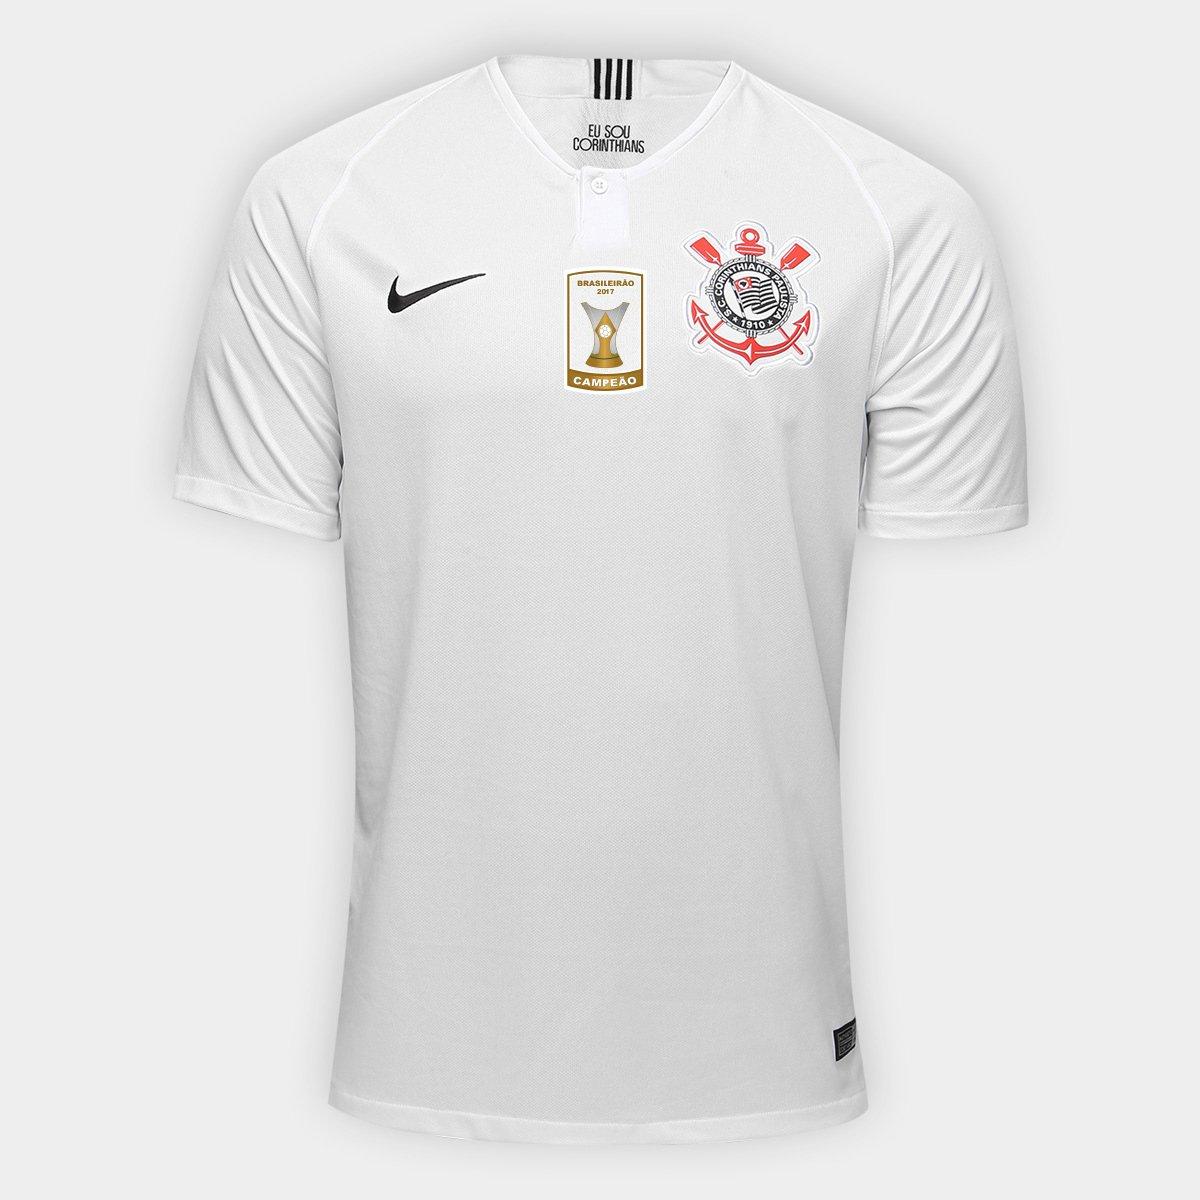 d6f8b4b76 Camisa Corinthians I 18 19 s n° Torcedor Nike - Patch Campeão Brasileiro -  Compre Agora